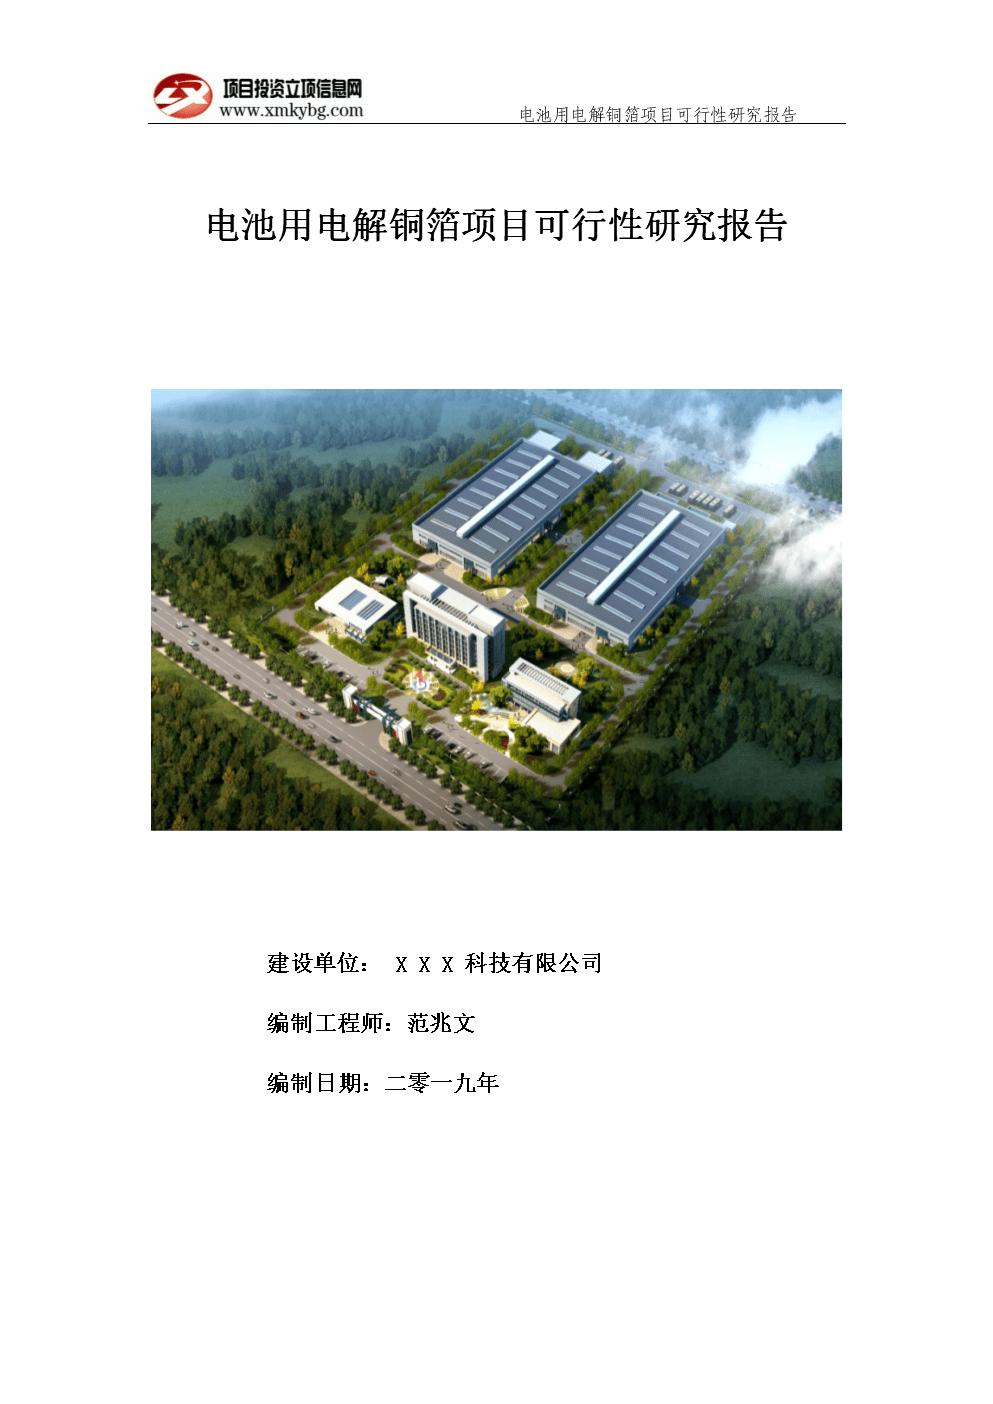 电池用电解铜箔项目可行性研究报告-用于备案立项.doc